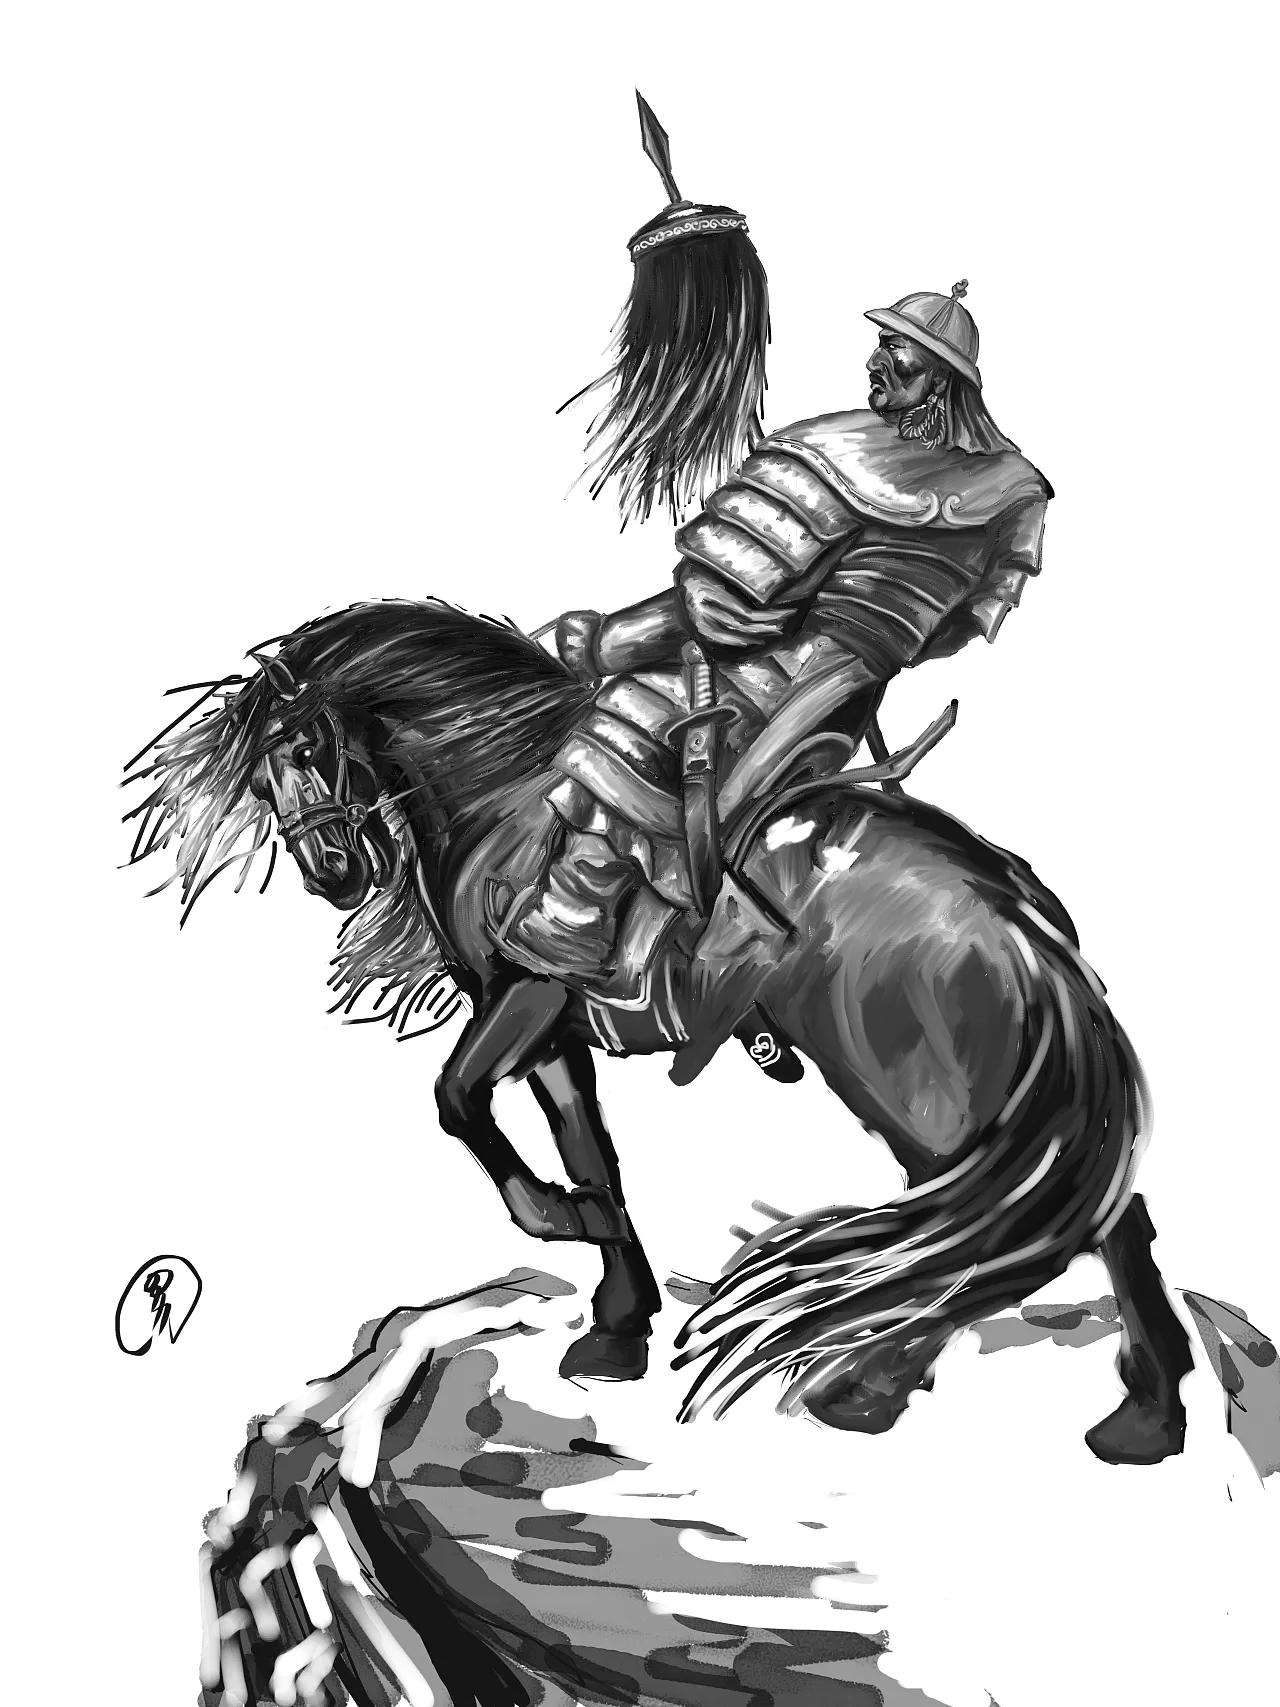 蒙古人物CG插图 第2张